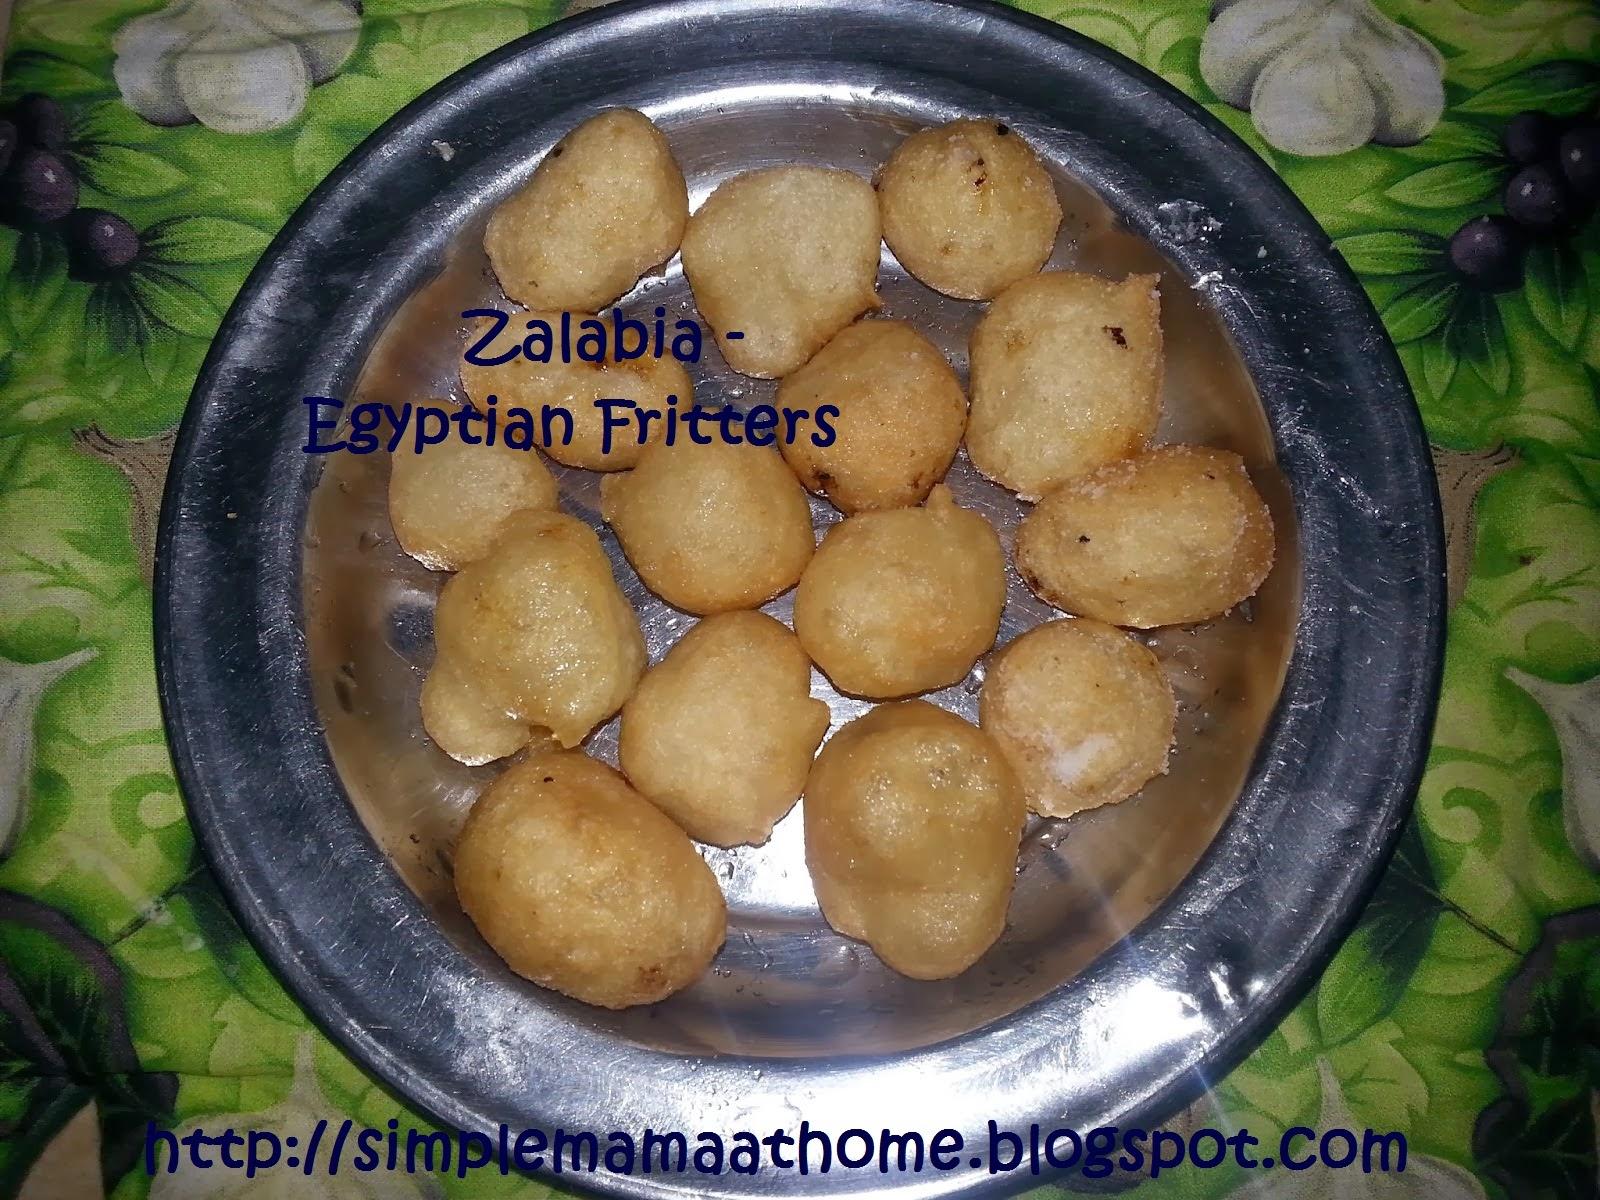 Zalabia - Egyptian Fritters